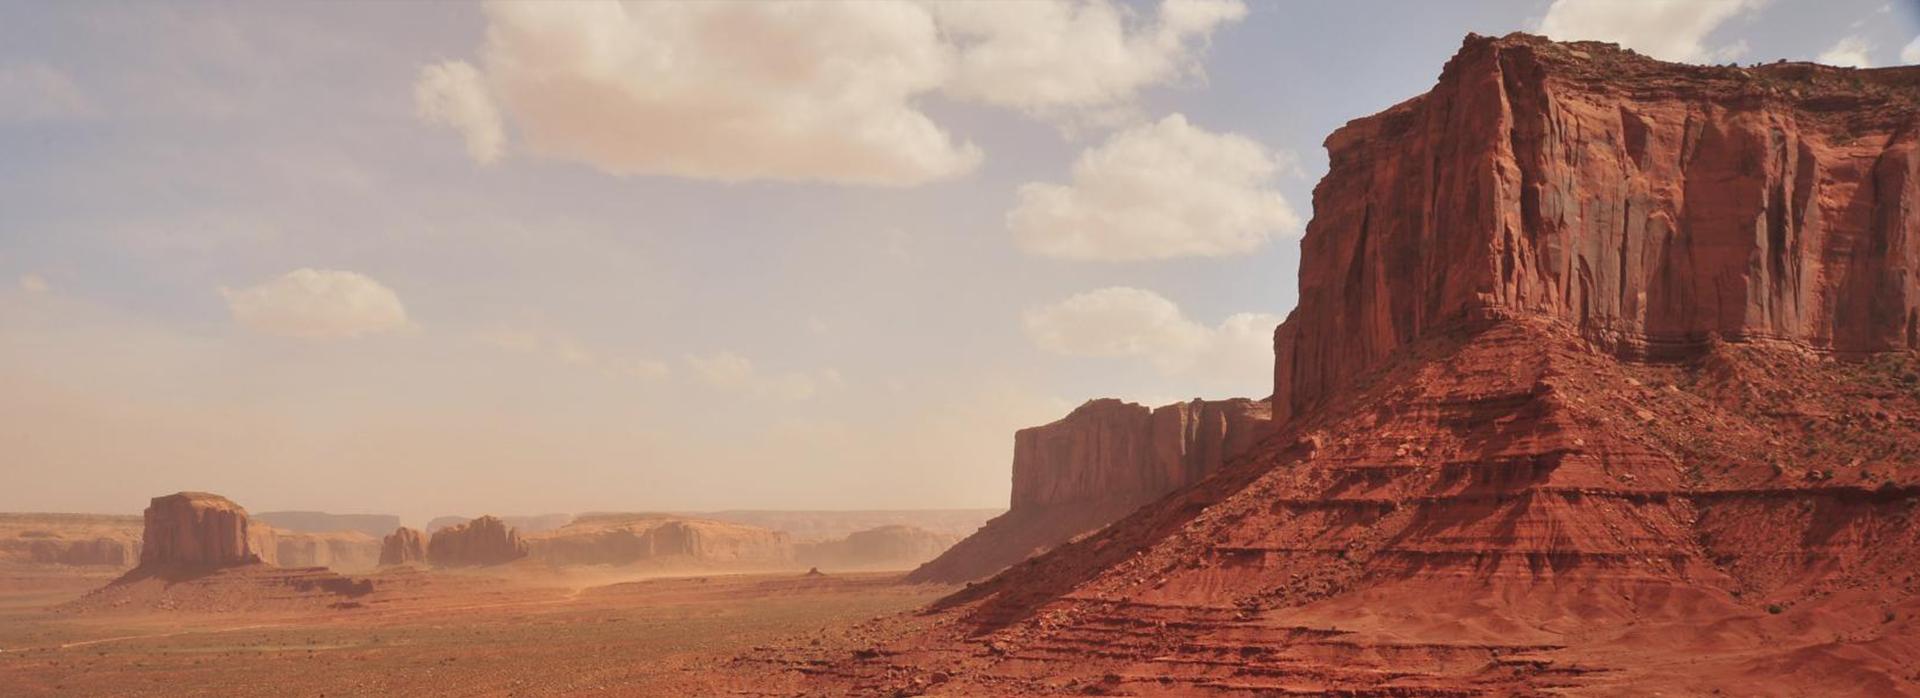 desert-1448579.jpg